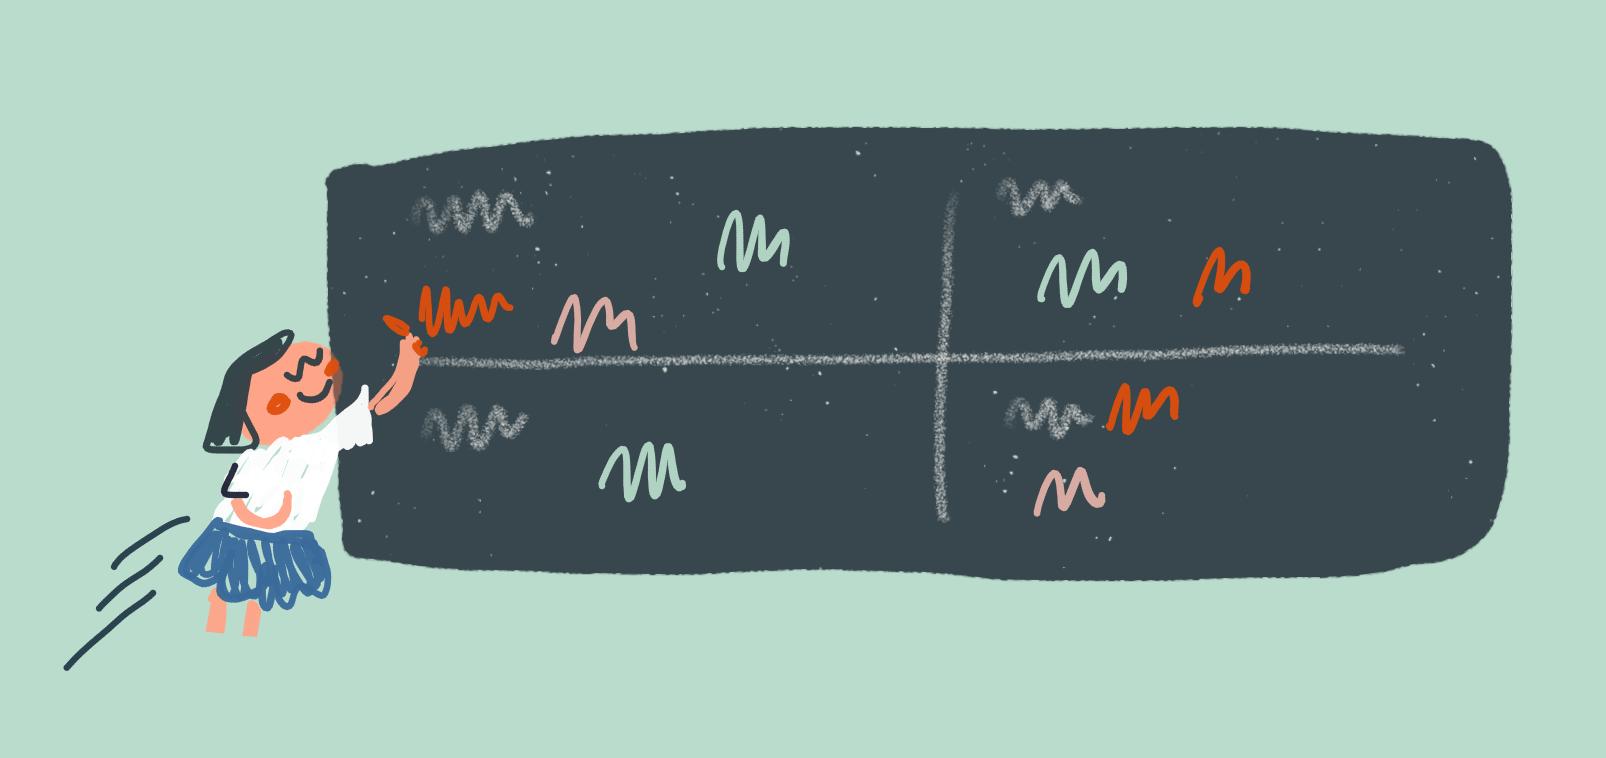 ภาพประกอบไอเดีย เกมสรุปบทเรียนก่อนสอบด้วยกระดาน(ที่ครูไม่ต้องสรุป)